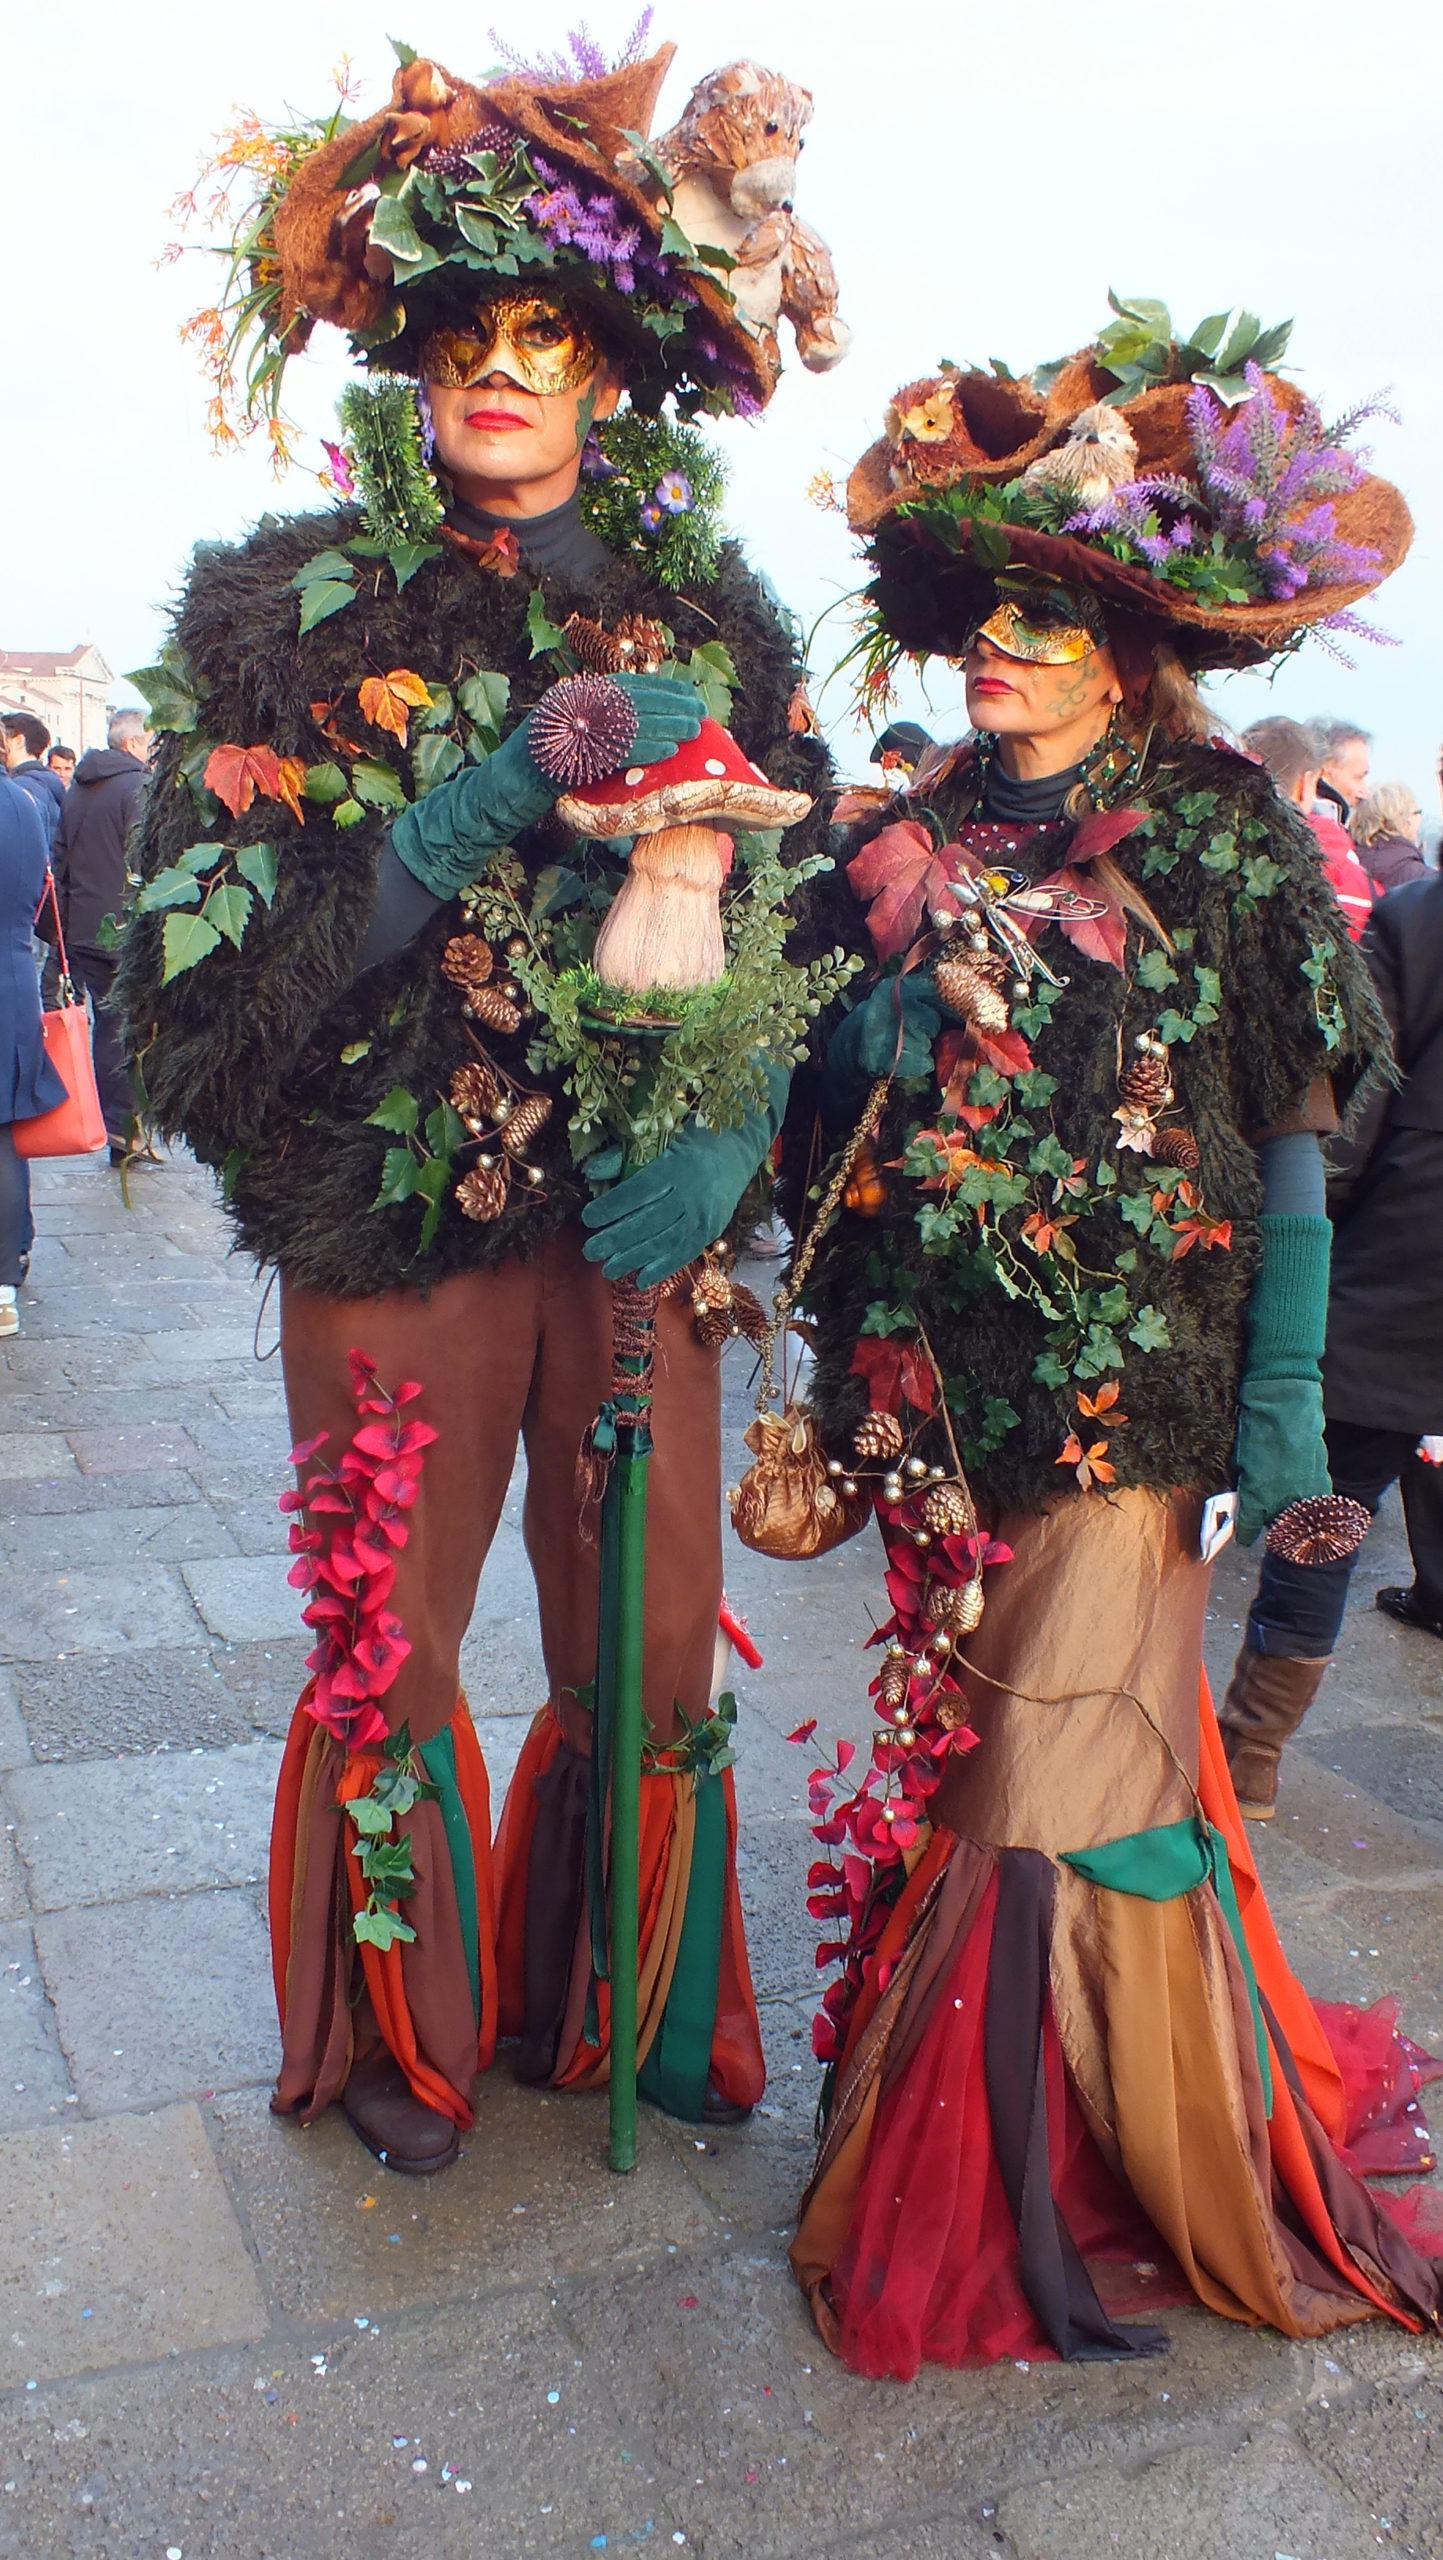 פסטיבל המסכות בונציה